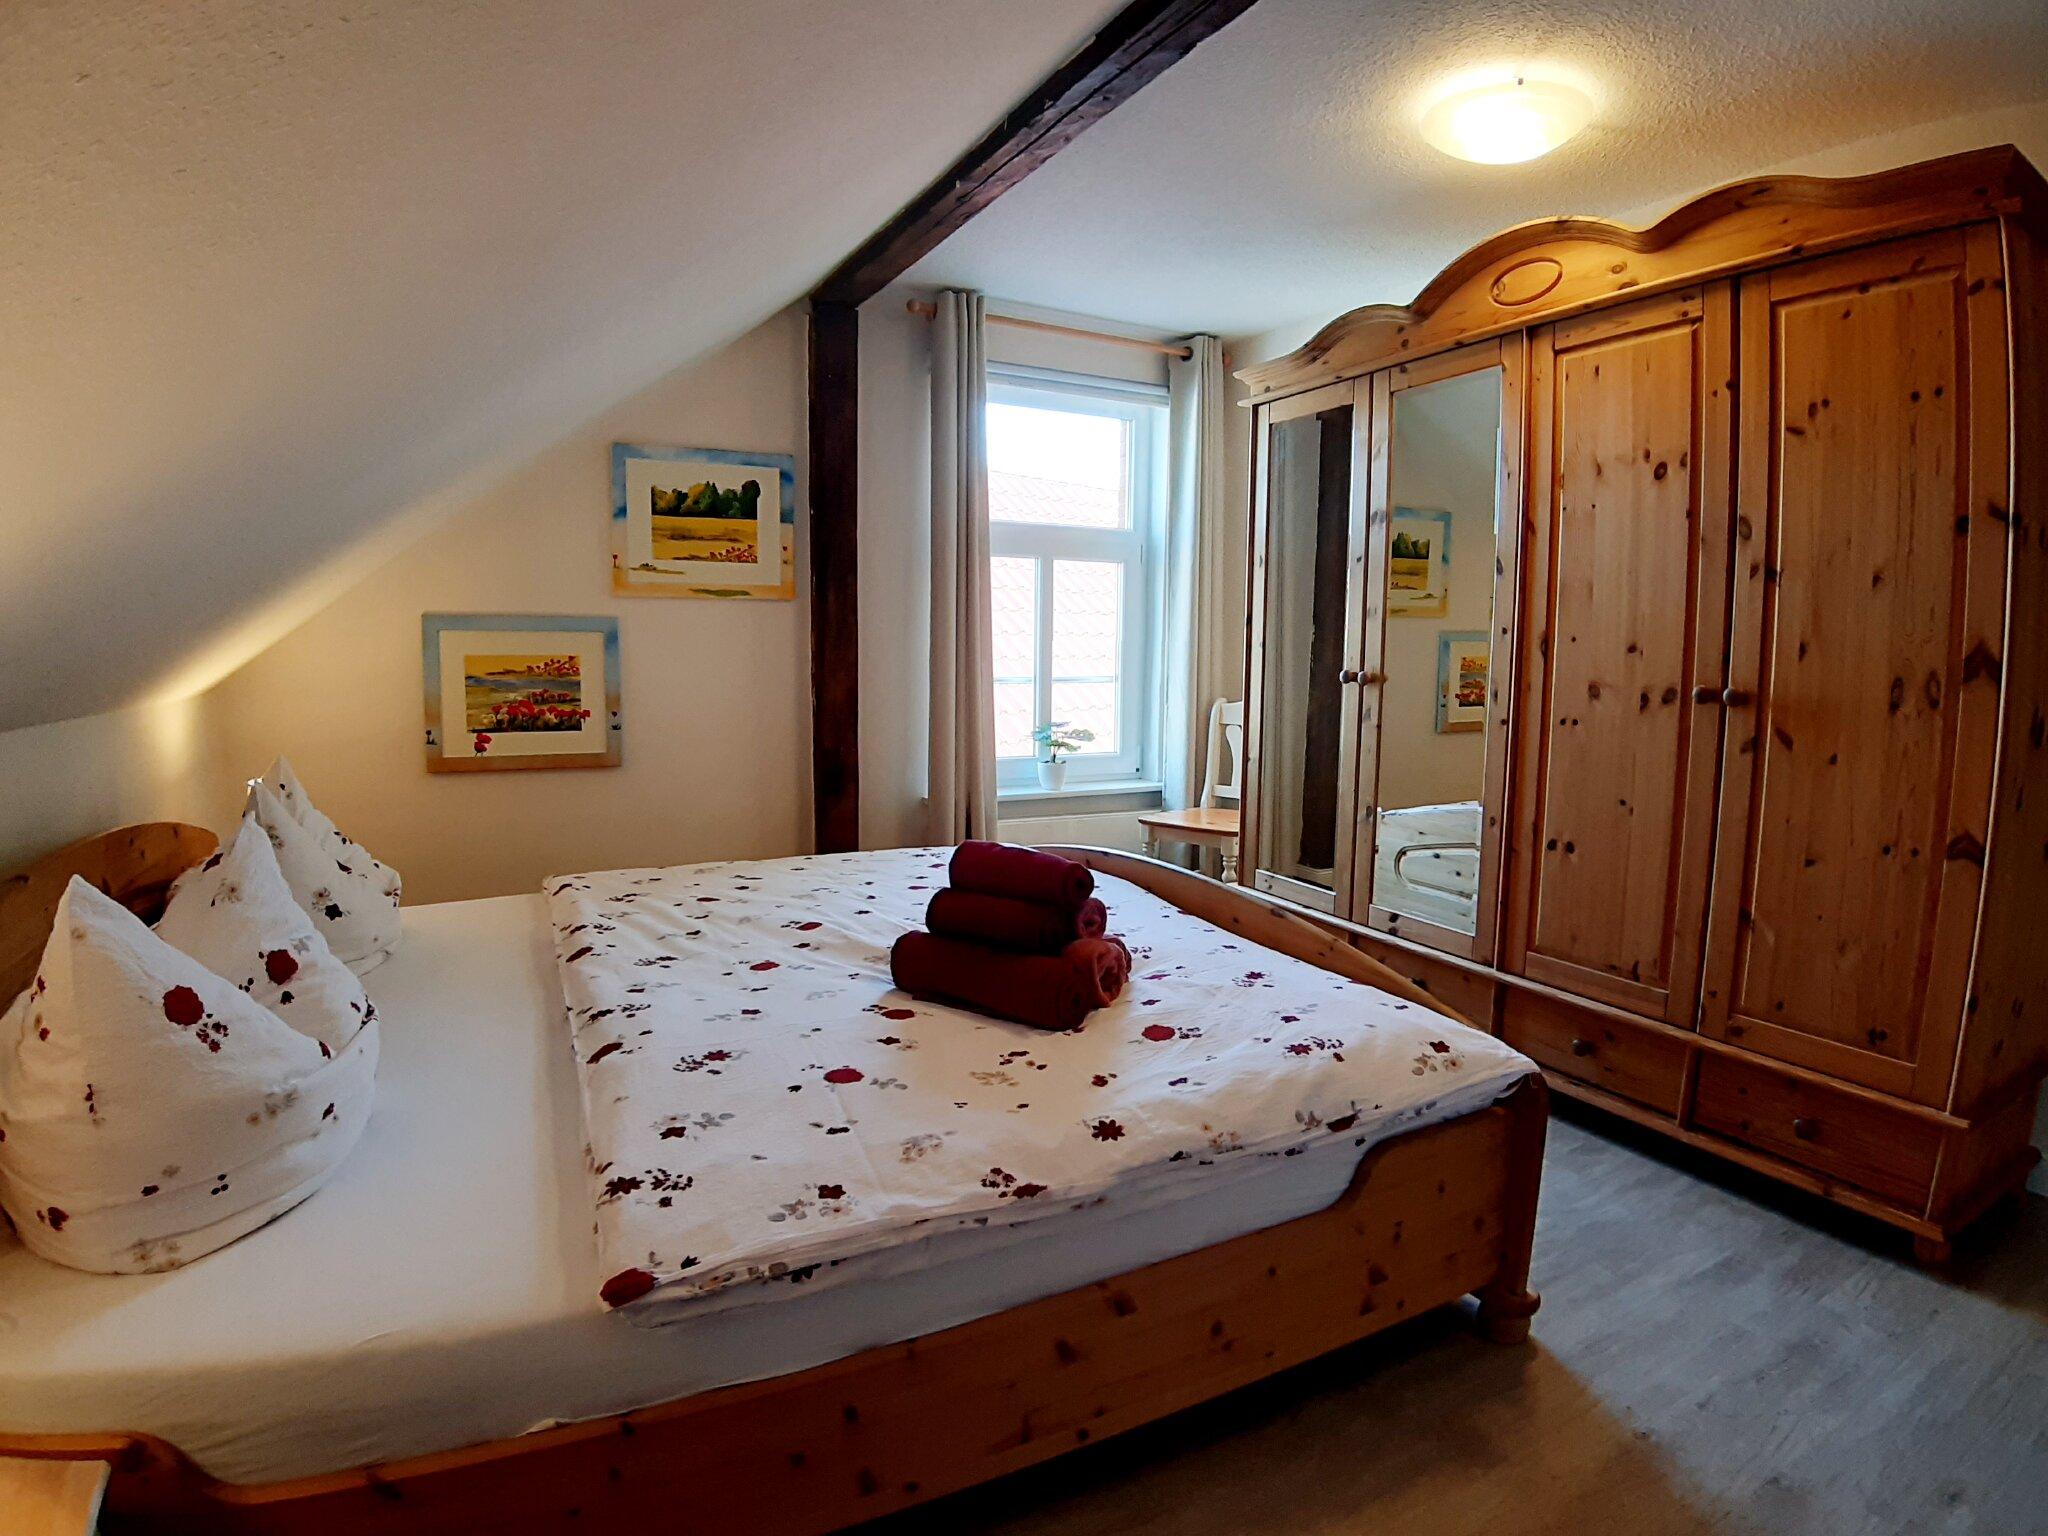 Zusatzbild Nr. 06 von Gründerzeitvilla 'Villa Harmonie' - Ferienwohnung Jasmin